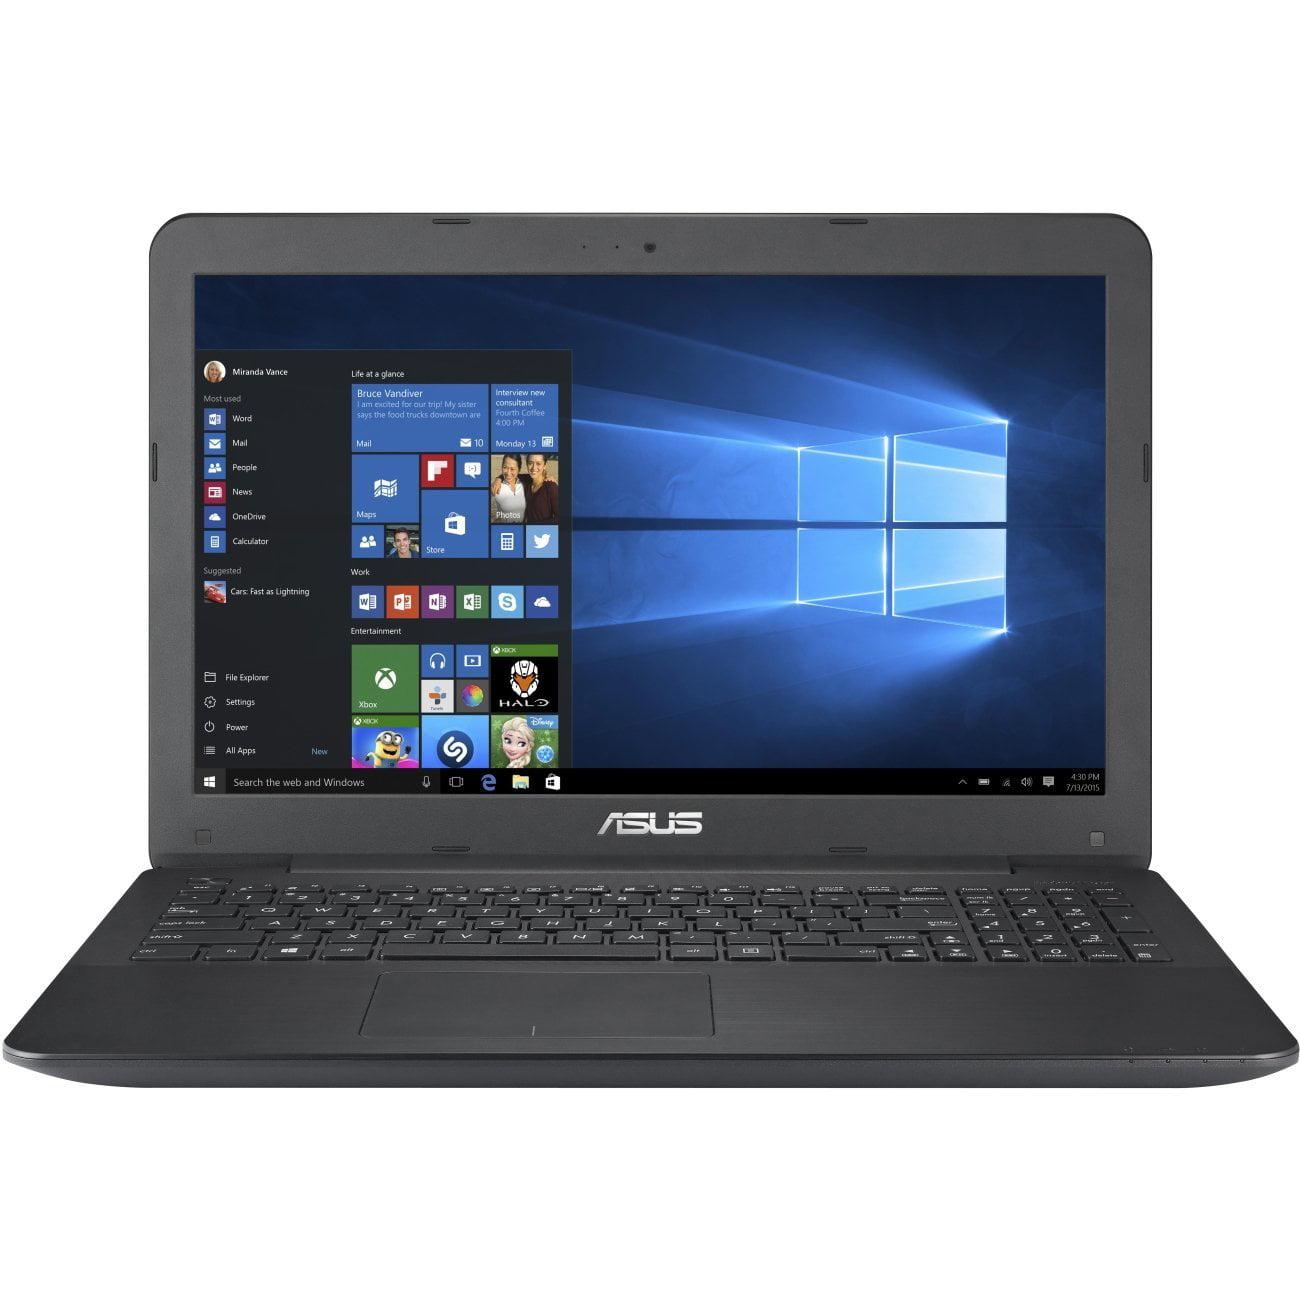 """Asus X555LA-DH31(WX) 15.6"""" Notebook"""